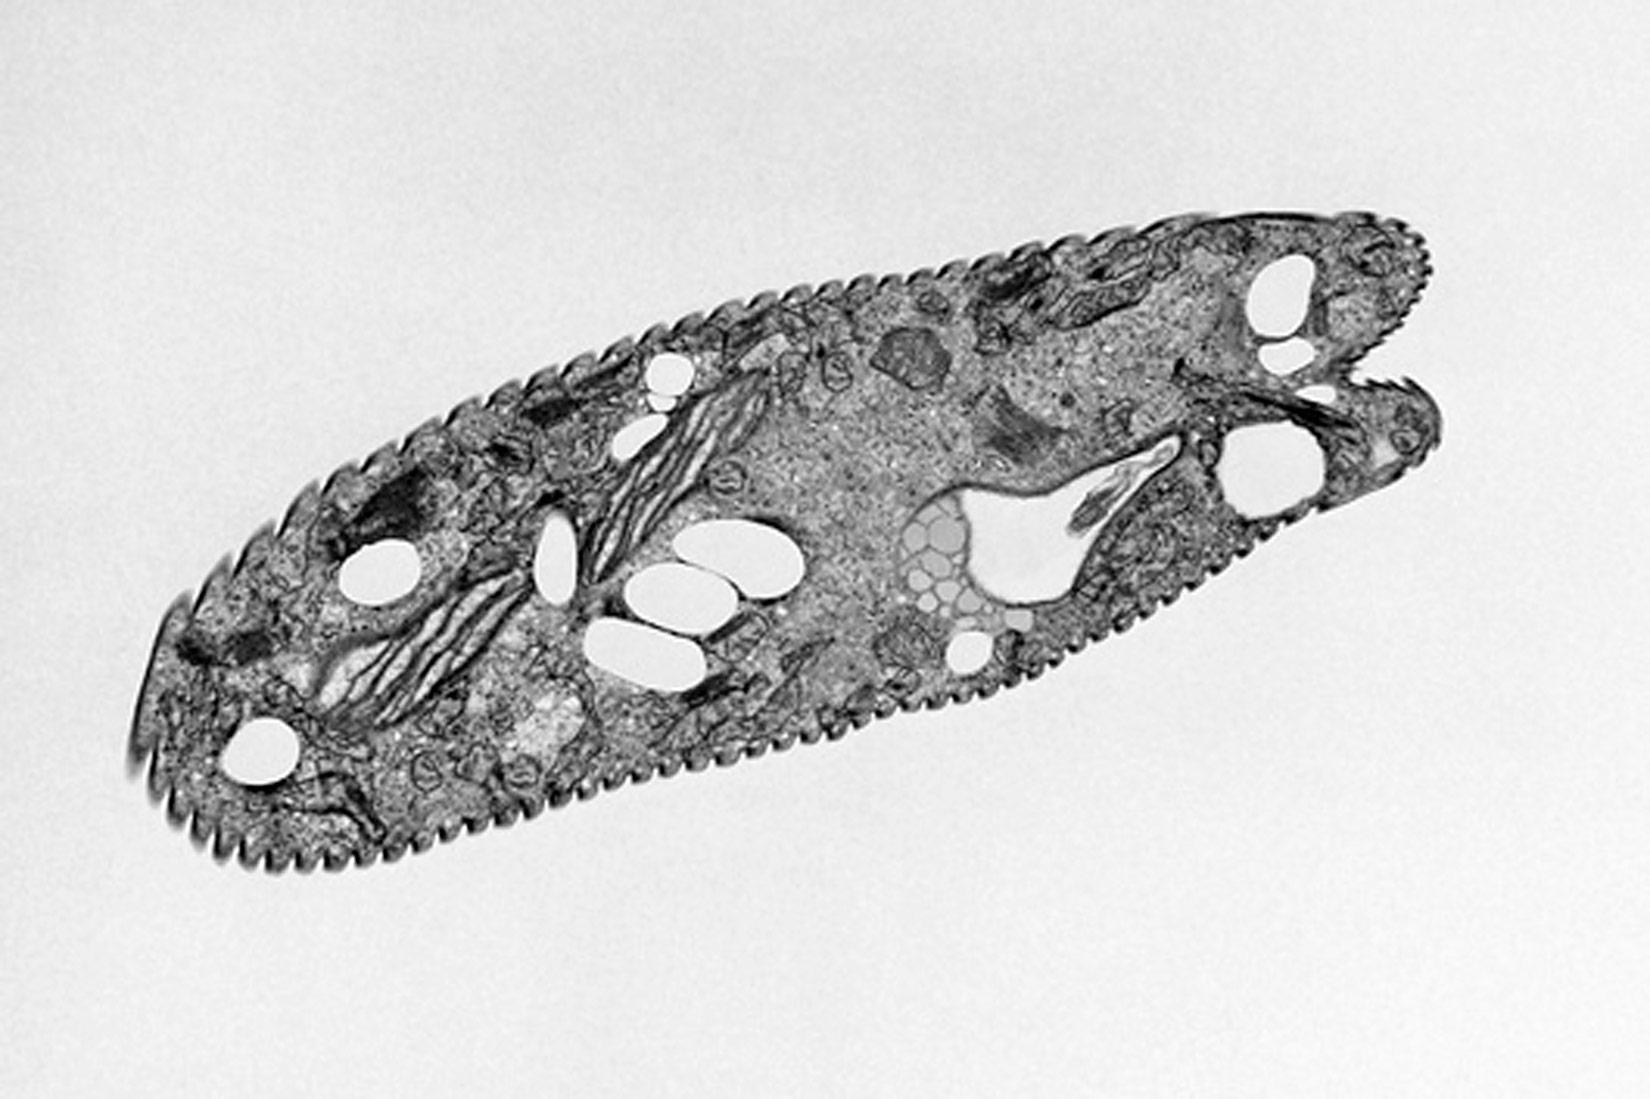 Otkriće stanice i metode istraživanja stanica u2013 biologija 1